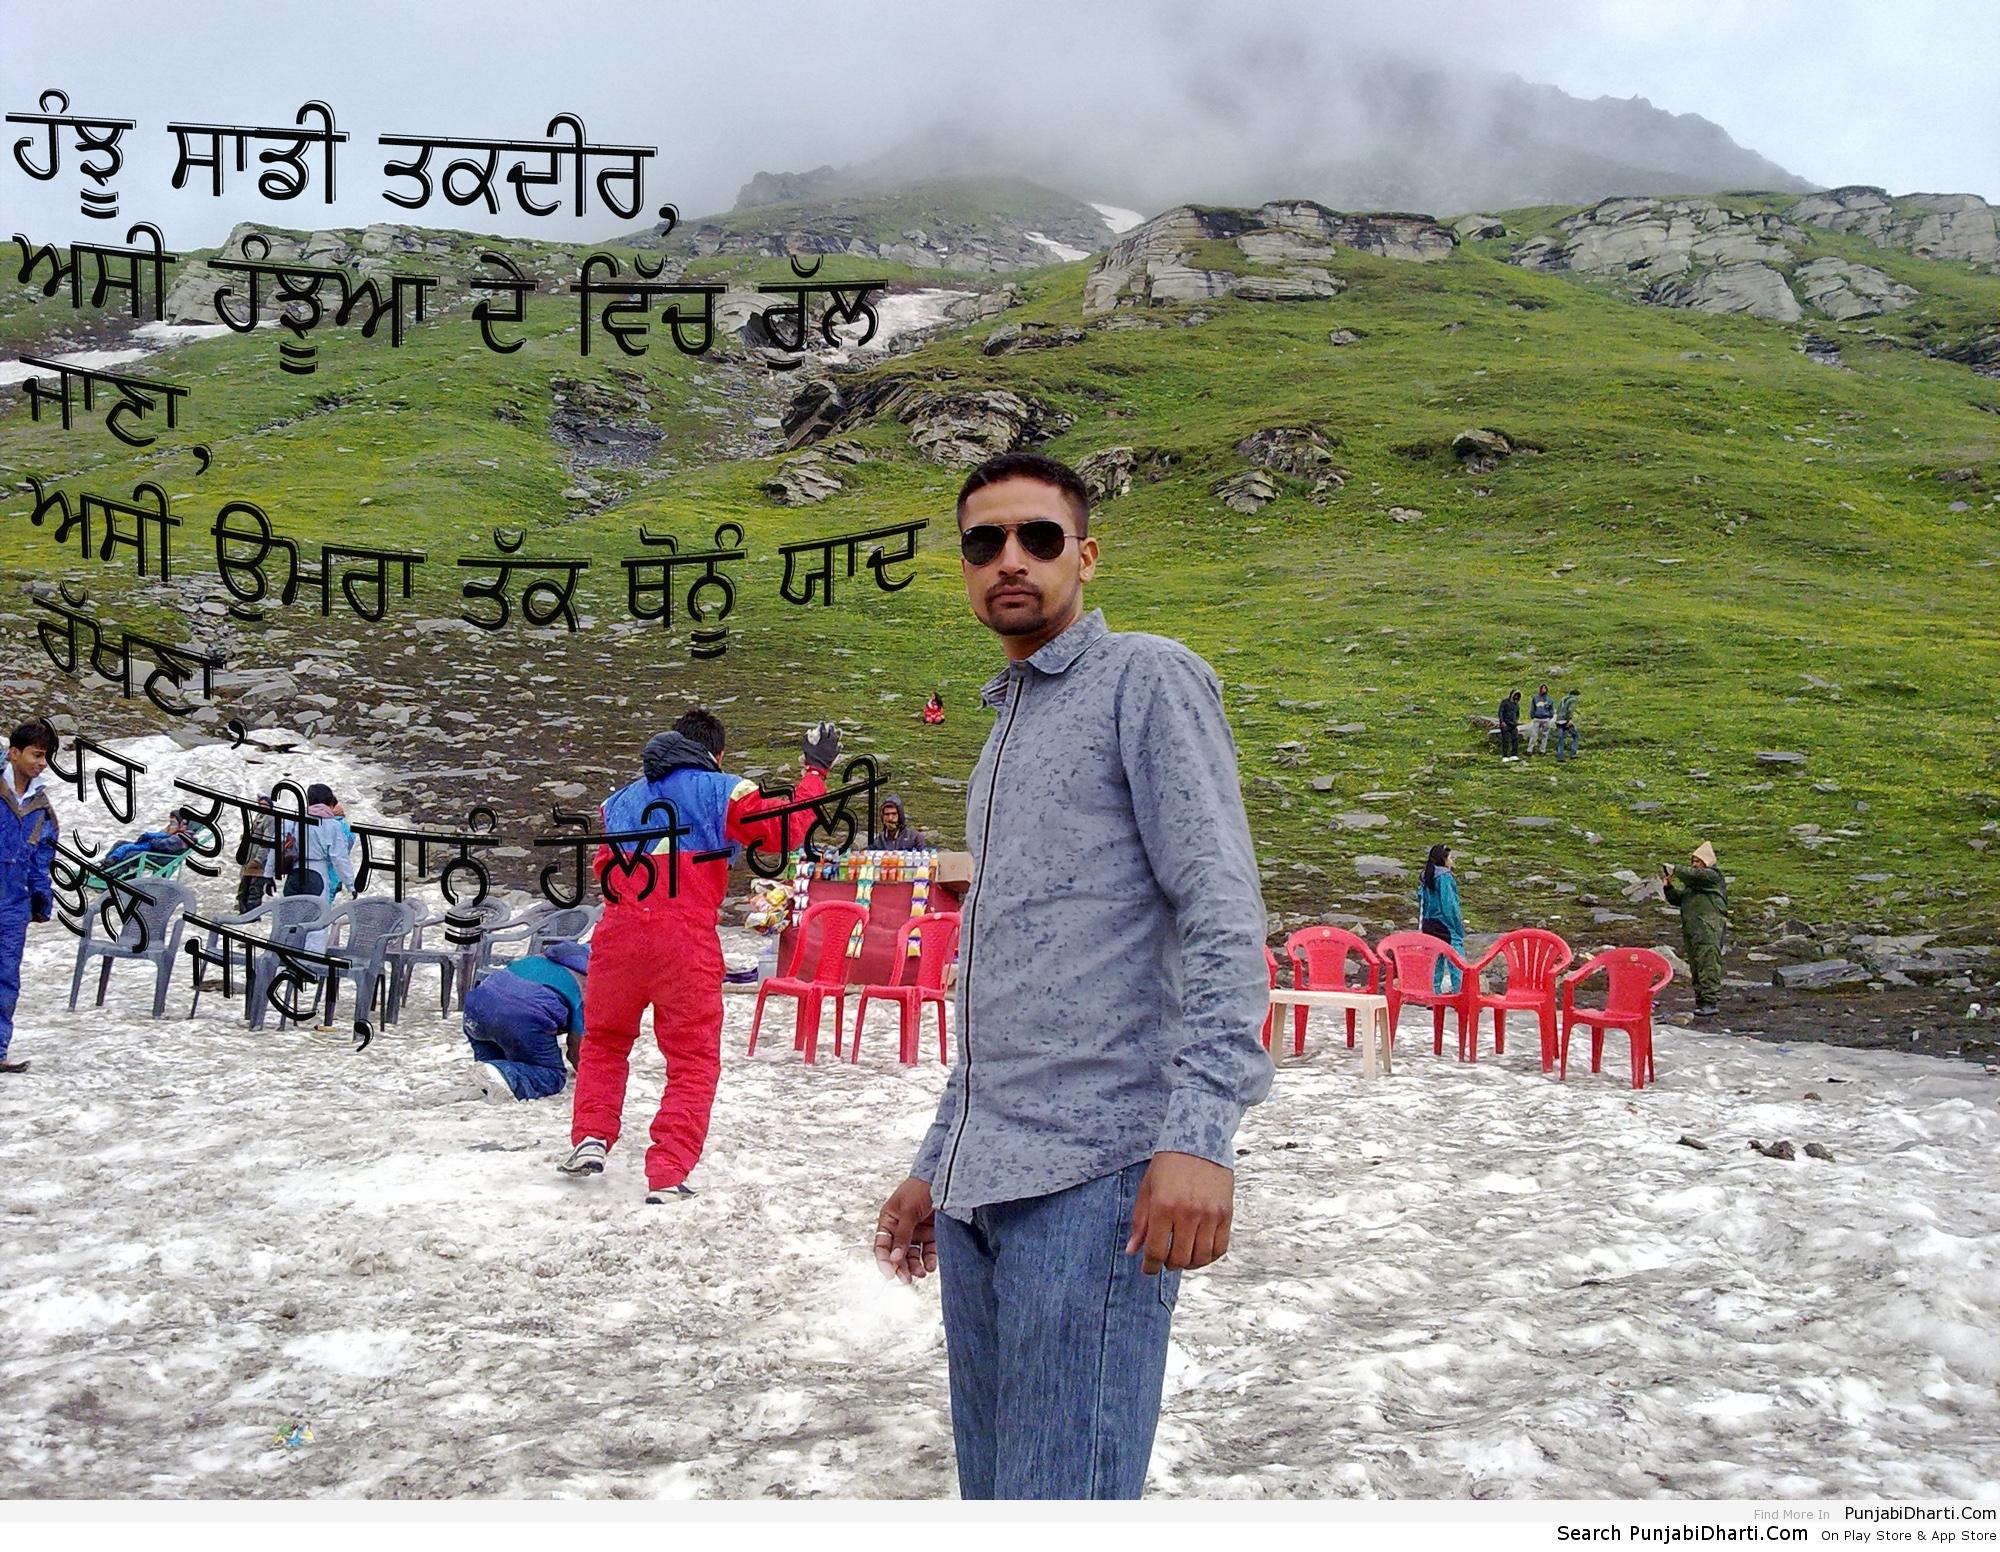 1376717716-aaaaaaaaaaa   PunjabiDharti.Com